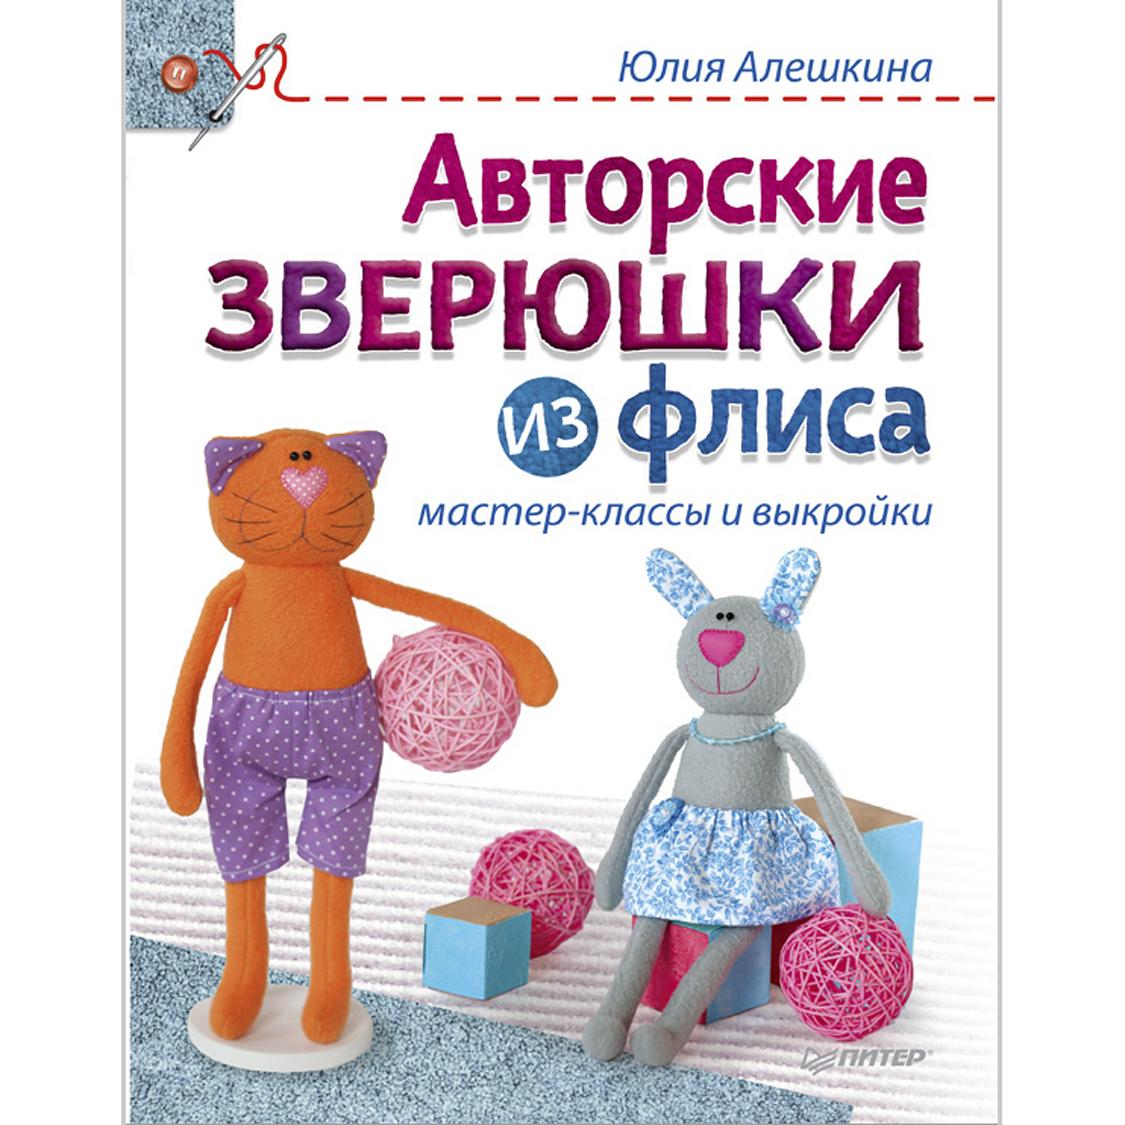 """Книга Алешкиной """"Авторские зверюшки из флиса"""""""